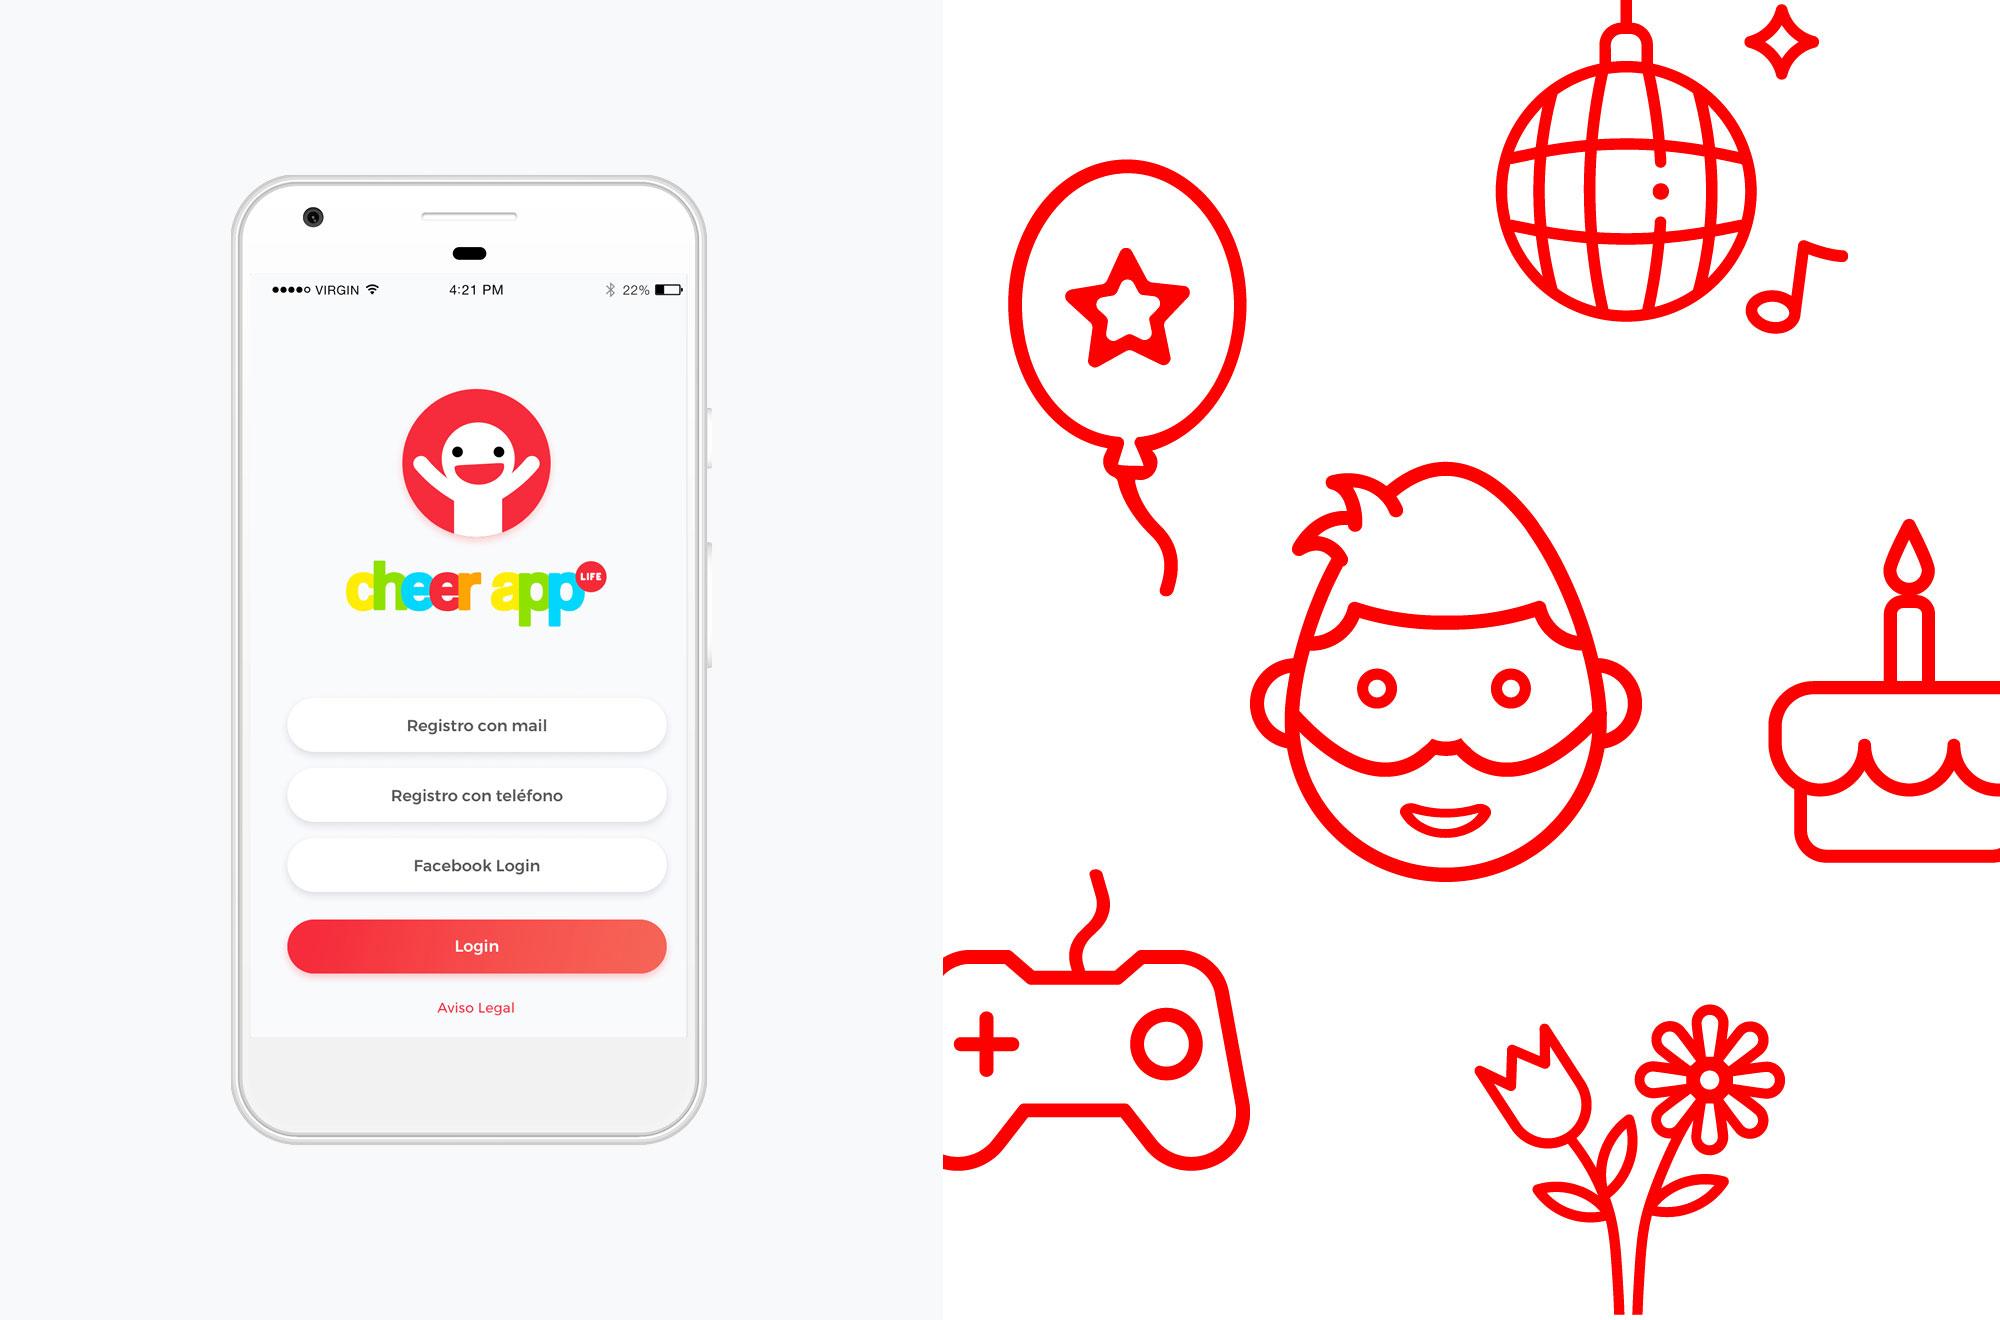 diseño-app-agencia-barcelona-2